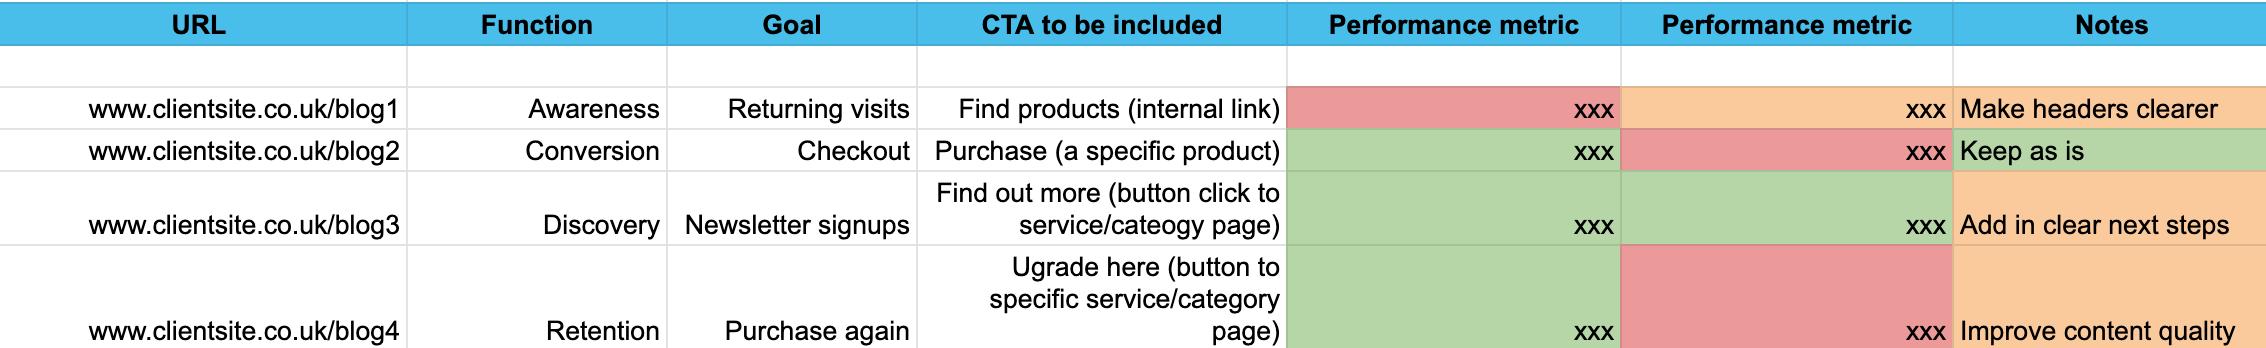 Снимок экрана с исходной электронной таблицей аудита контента с URL-адресом, функцией, целью, призывом к действию , Столбцы «Показатель производительности» и «Примечания», заполненные примерами и имеющими цветовую кодировку с красными, зелеными и желтыми ячейками.